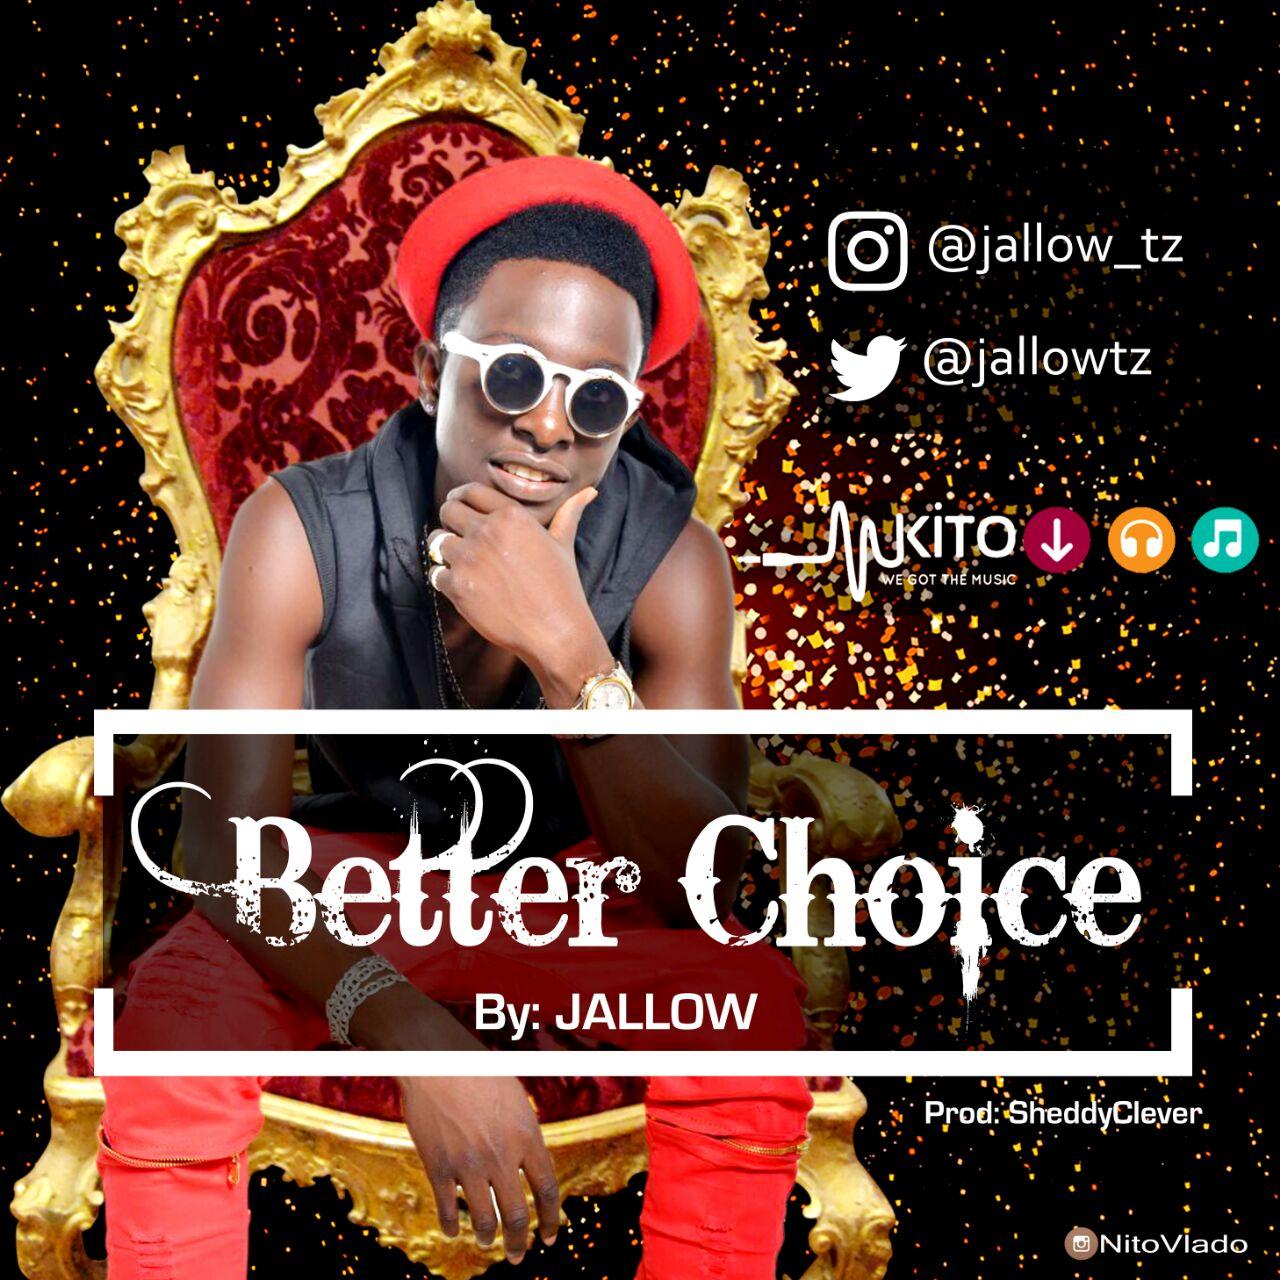 jallowb1 - betterchoice1